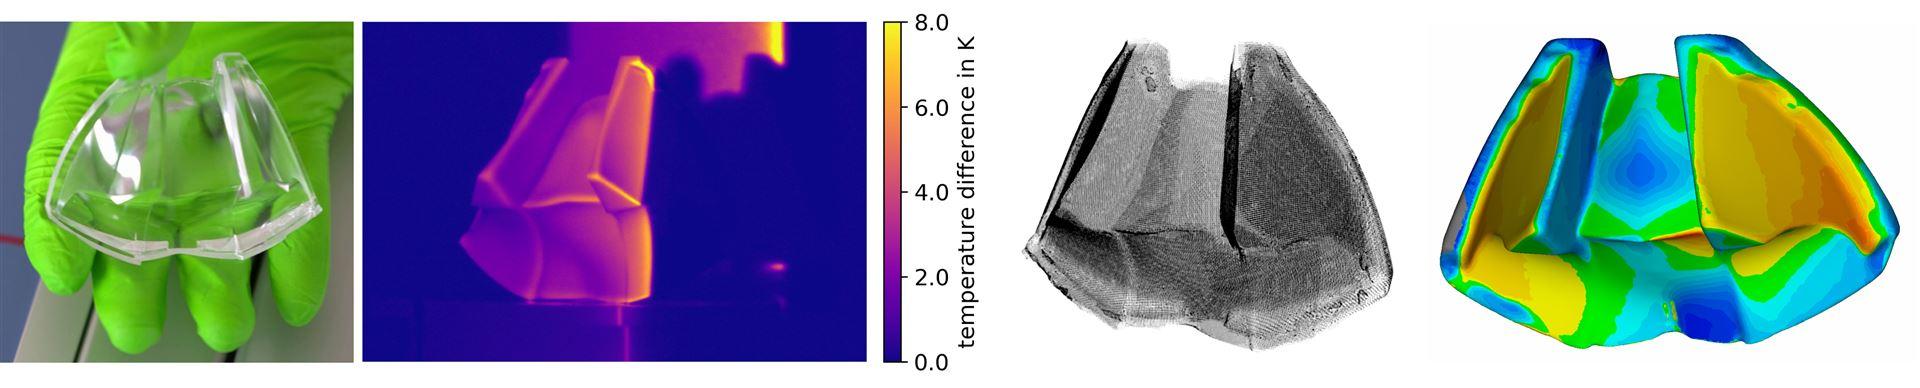 RGB-Farbfoto, thermischer Streifen, 3D-Punktwolke und Referenzvergleich (Quelle: Fraunhofer IOF)